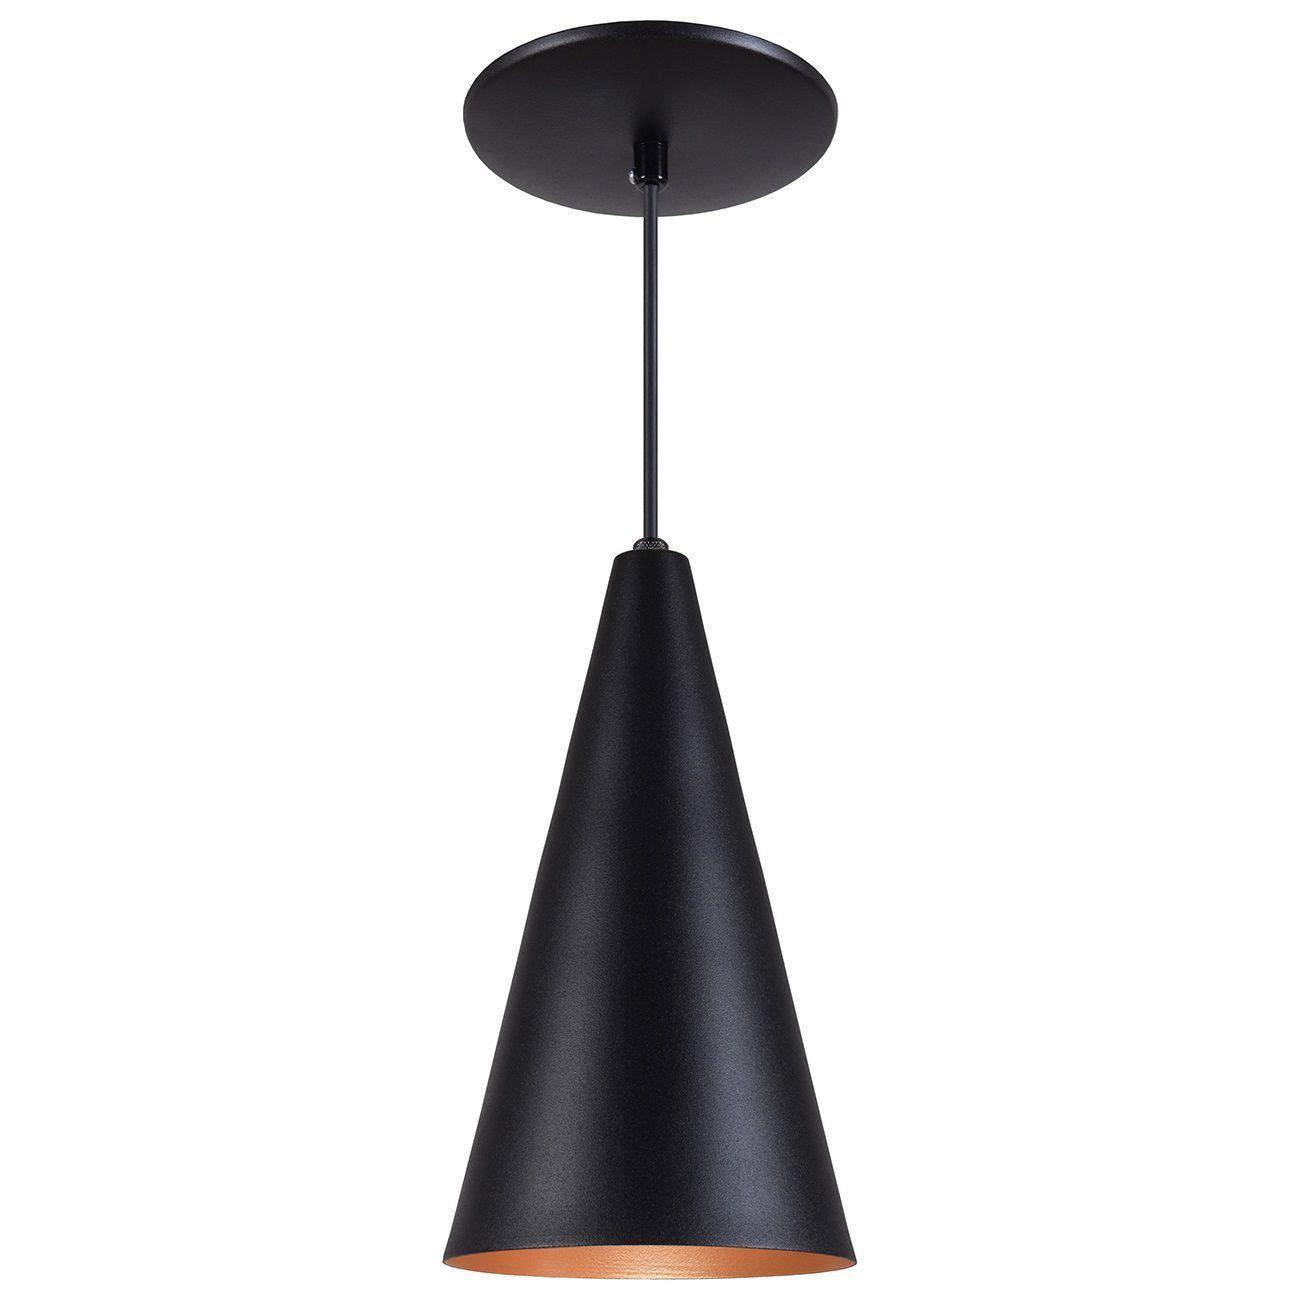 Pendente Cone Luminária Lustre Alumínio Preto Textura C/ Cobre - Rei Da Iluminação